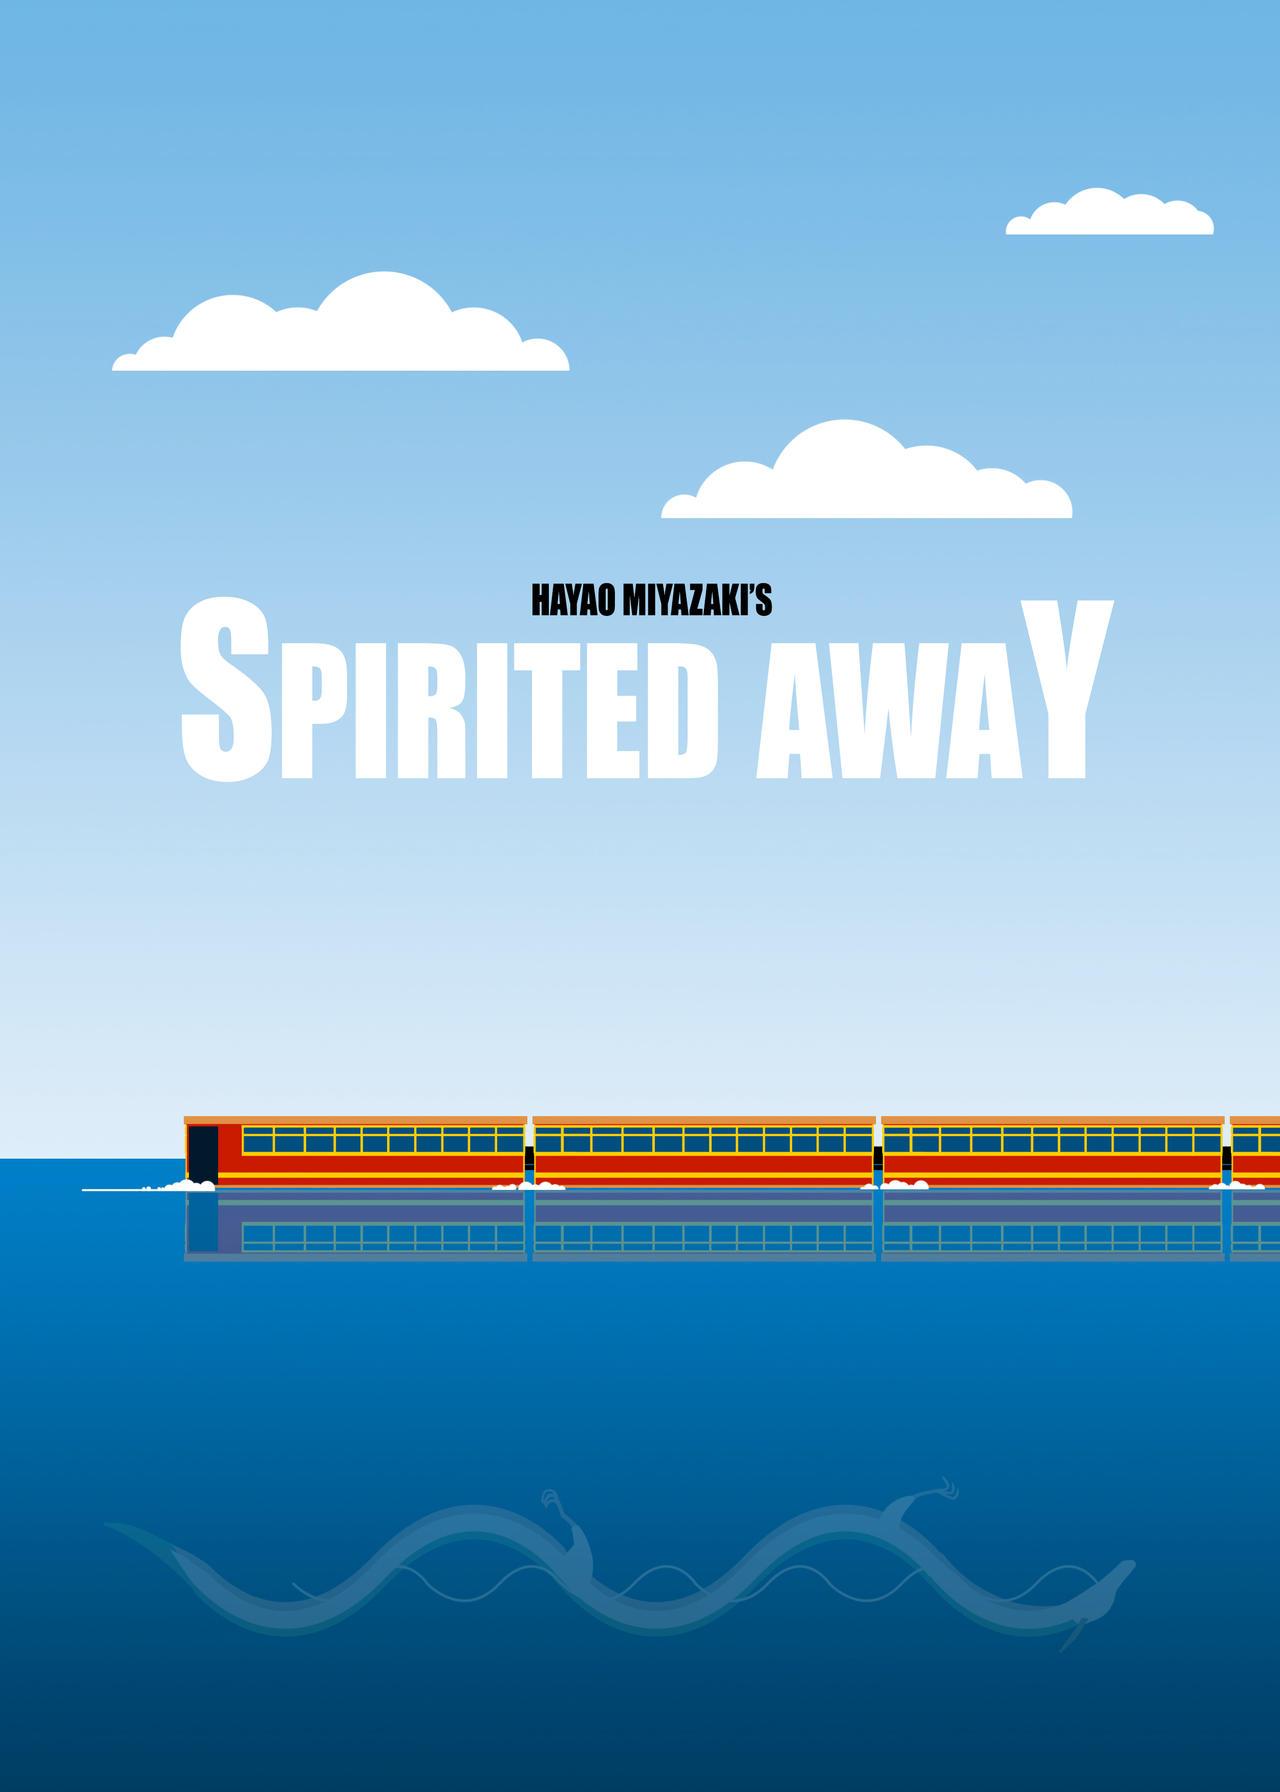 Spirited Away Minimalist Poster by saigo21 on DeviantArt